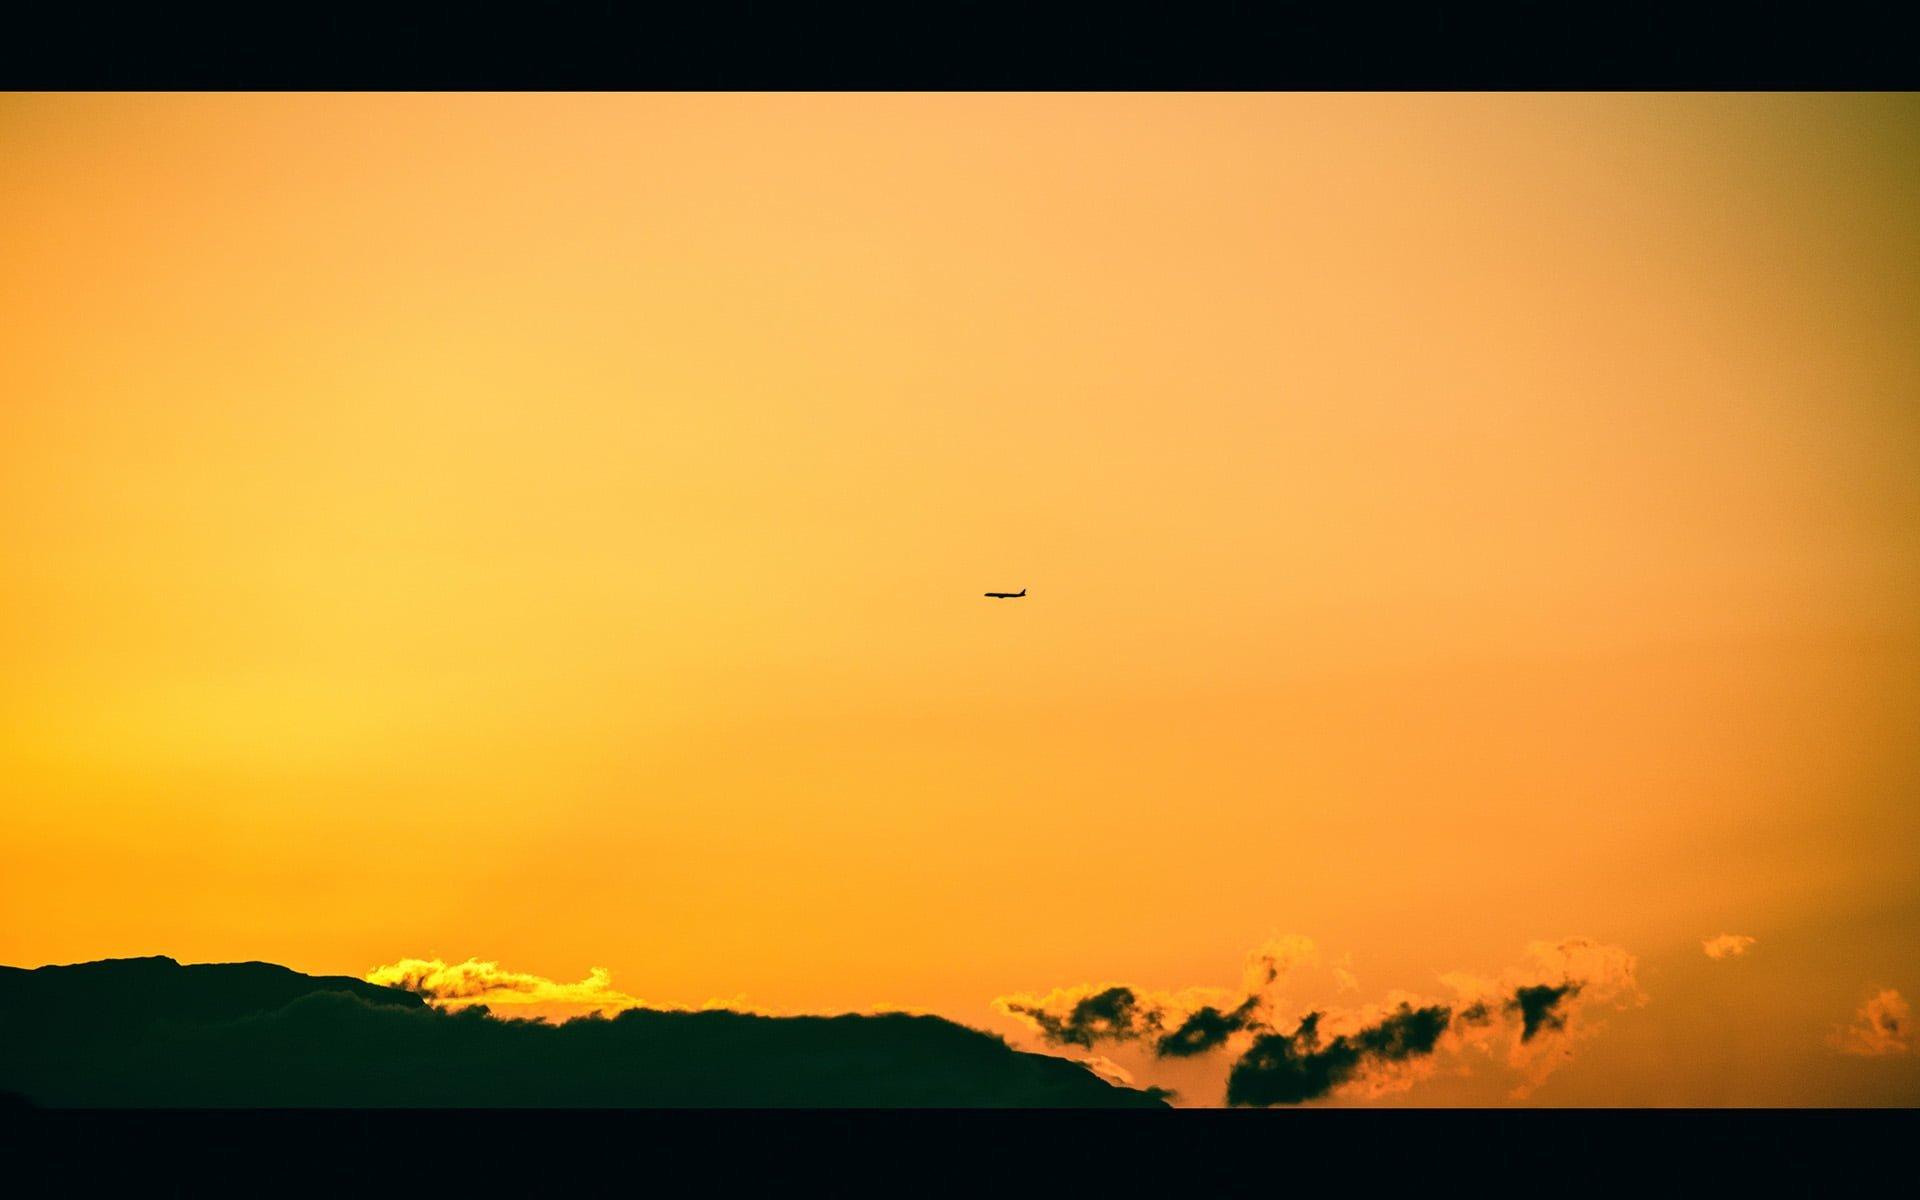 turuncu gökyüzü ve uçak